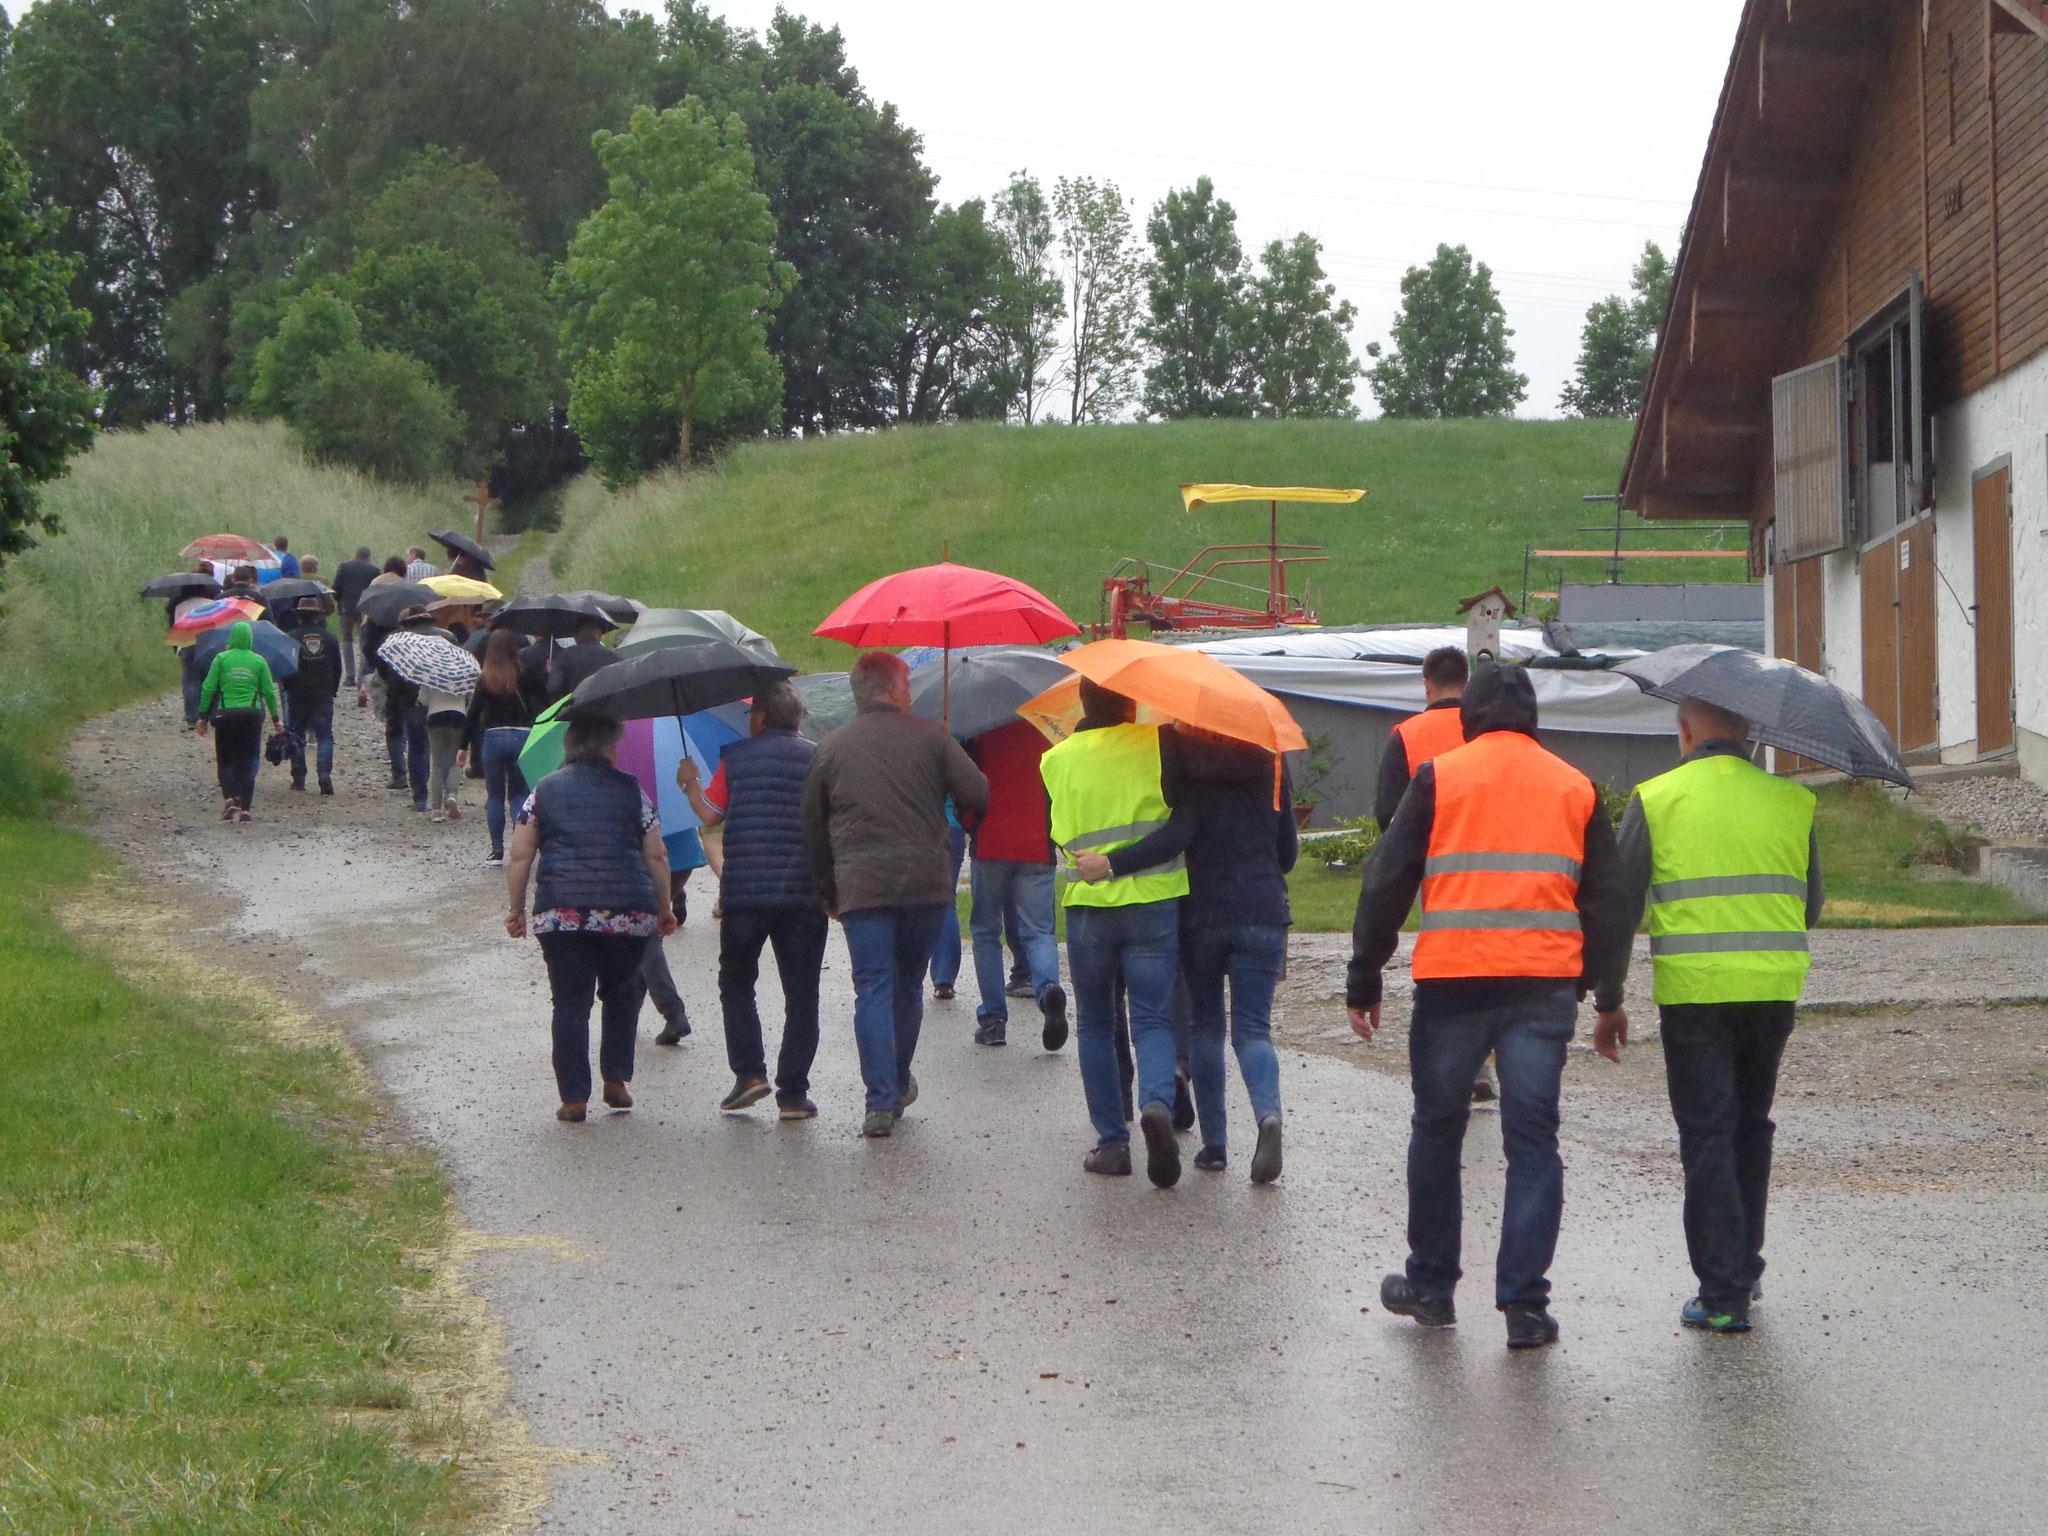 Rückmarsch zum Holzkarrer bei Regen